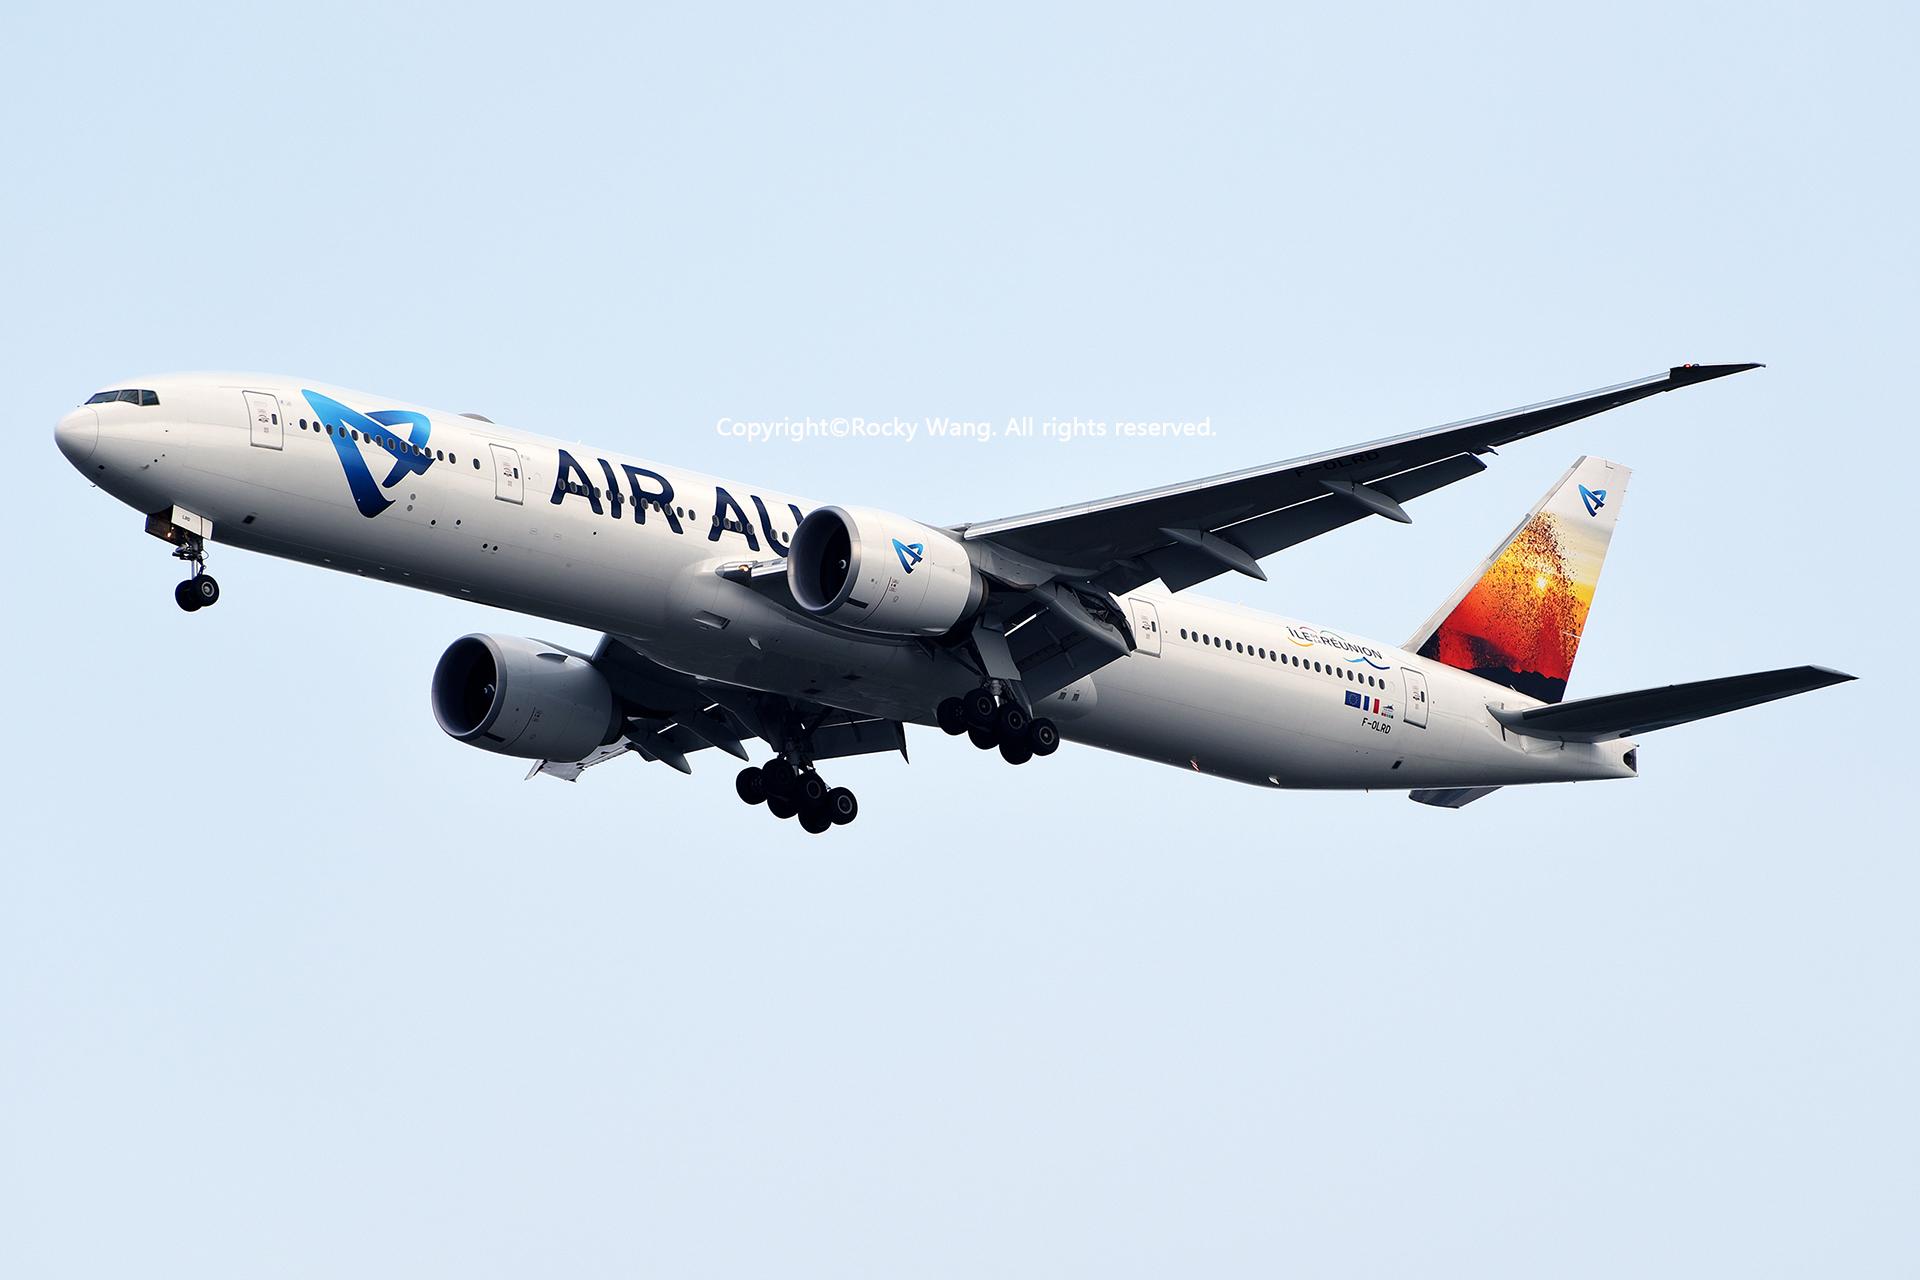 Re:[原创]居家了 批量处理老图 倾情奉献52家777 BOEING 777-39MER F-OLRD Bangkok Suvarnabhumi Int'l